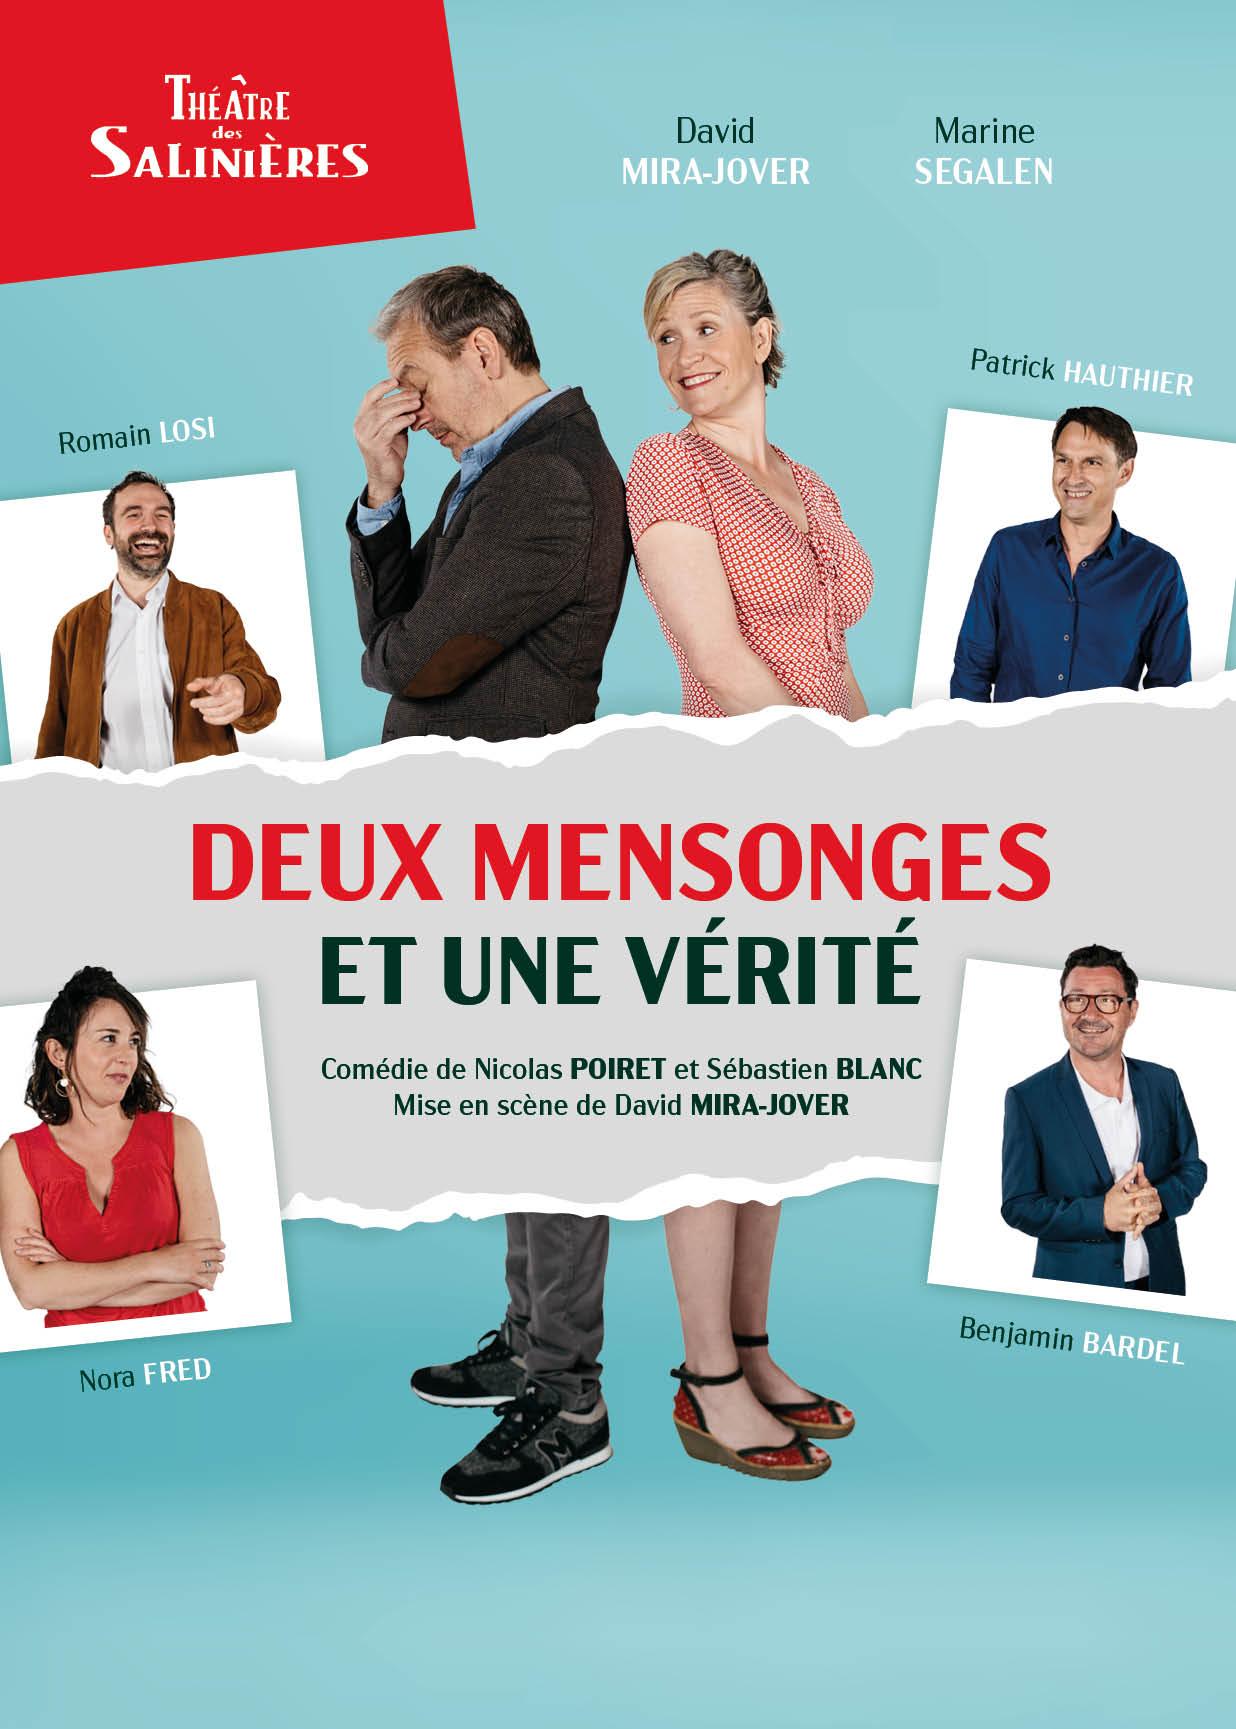 https://the-place-to-be.fr/wp-content/uploads/2020/09/deux-mensonges-une-verite-theatre-salinieres-bordeaux-2020.jpg